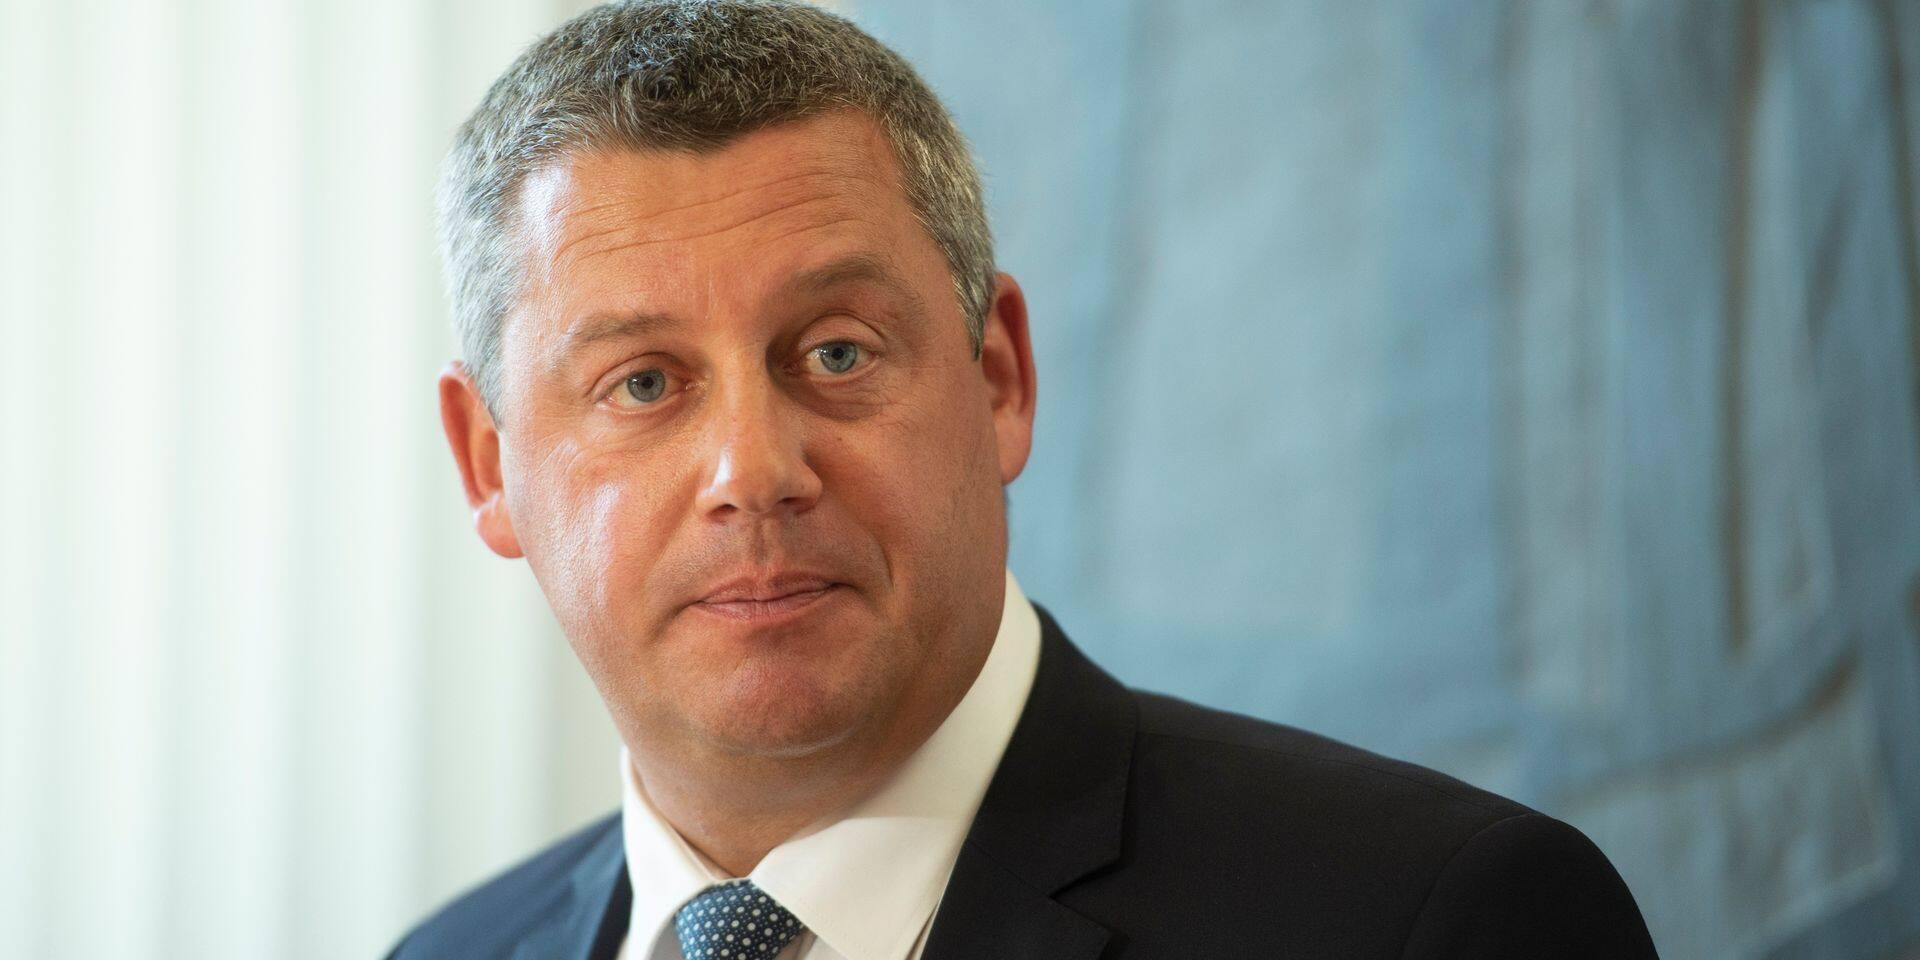 Suspicions de fraude à Neufchâteau: Dimitri Fourny sera à nouveau tête de liste pour le nouveau scrutin!